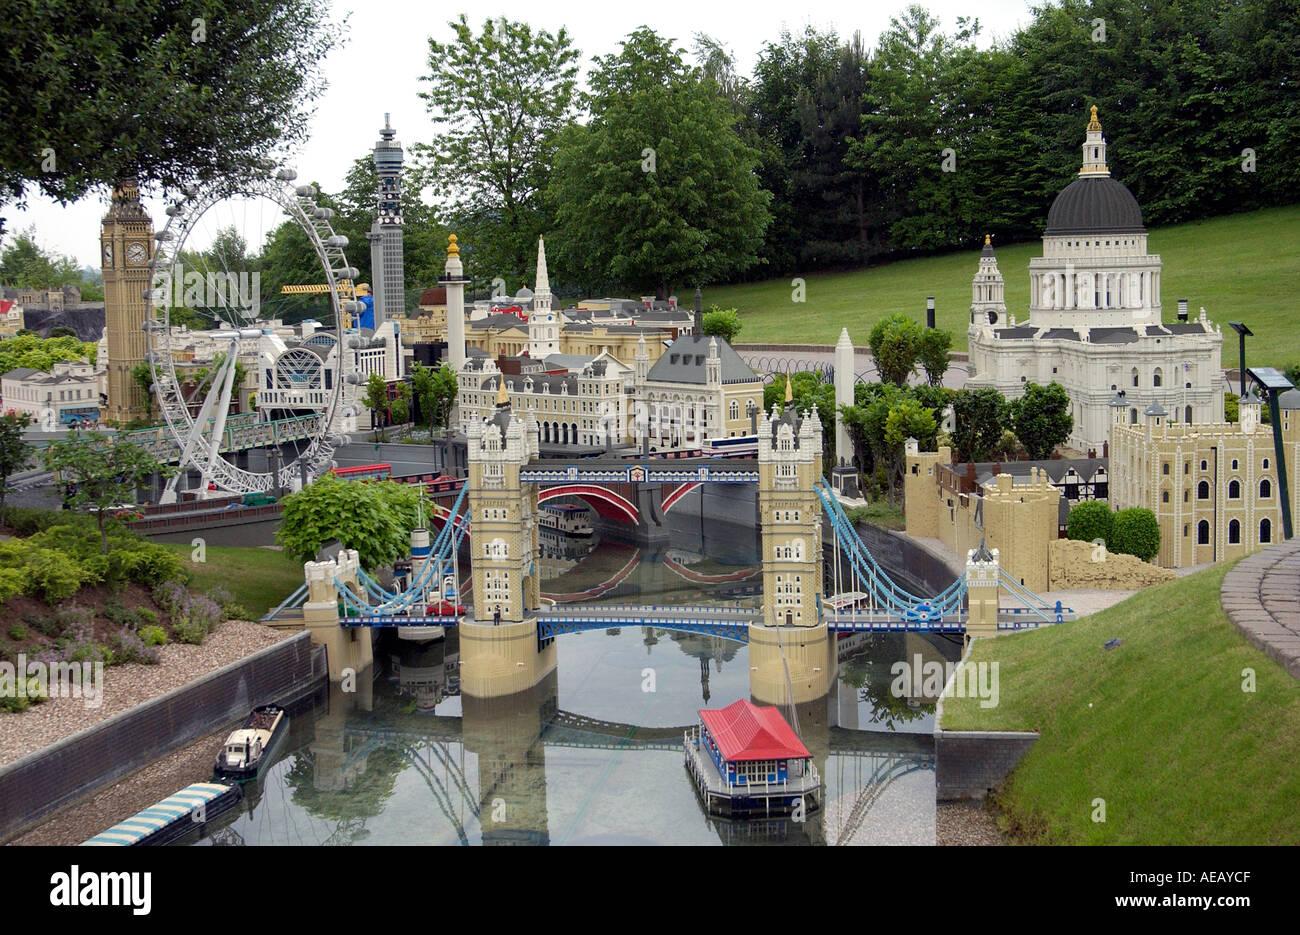 Legoland including lego model replicas of the london eye for Replica mobel england